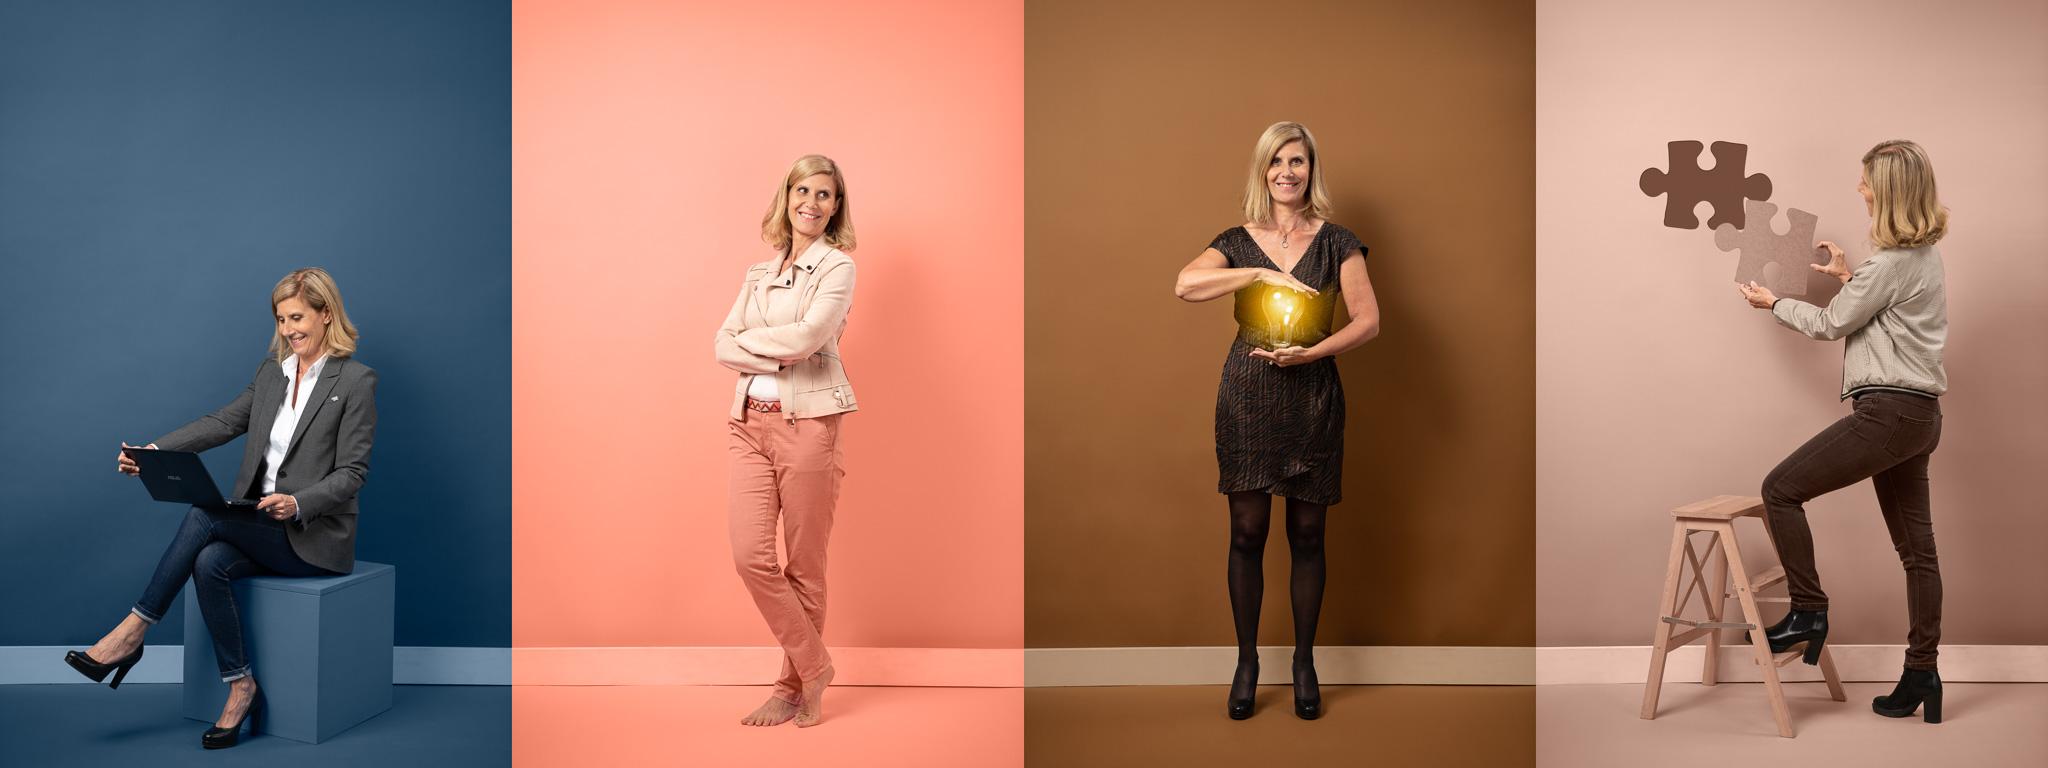 Aurélien AUDY - photographe Lyon - illustration bannière portrait studio